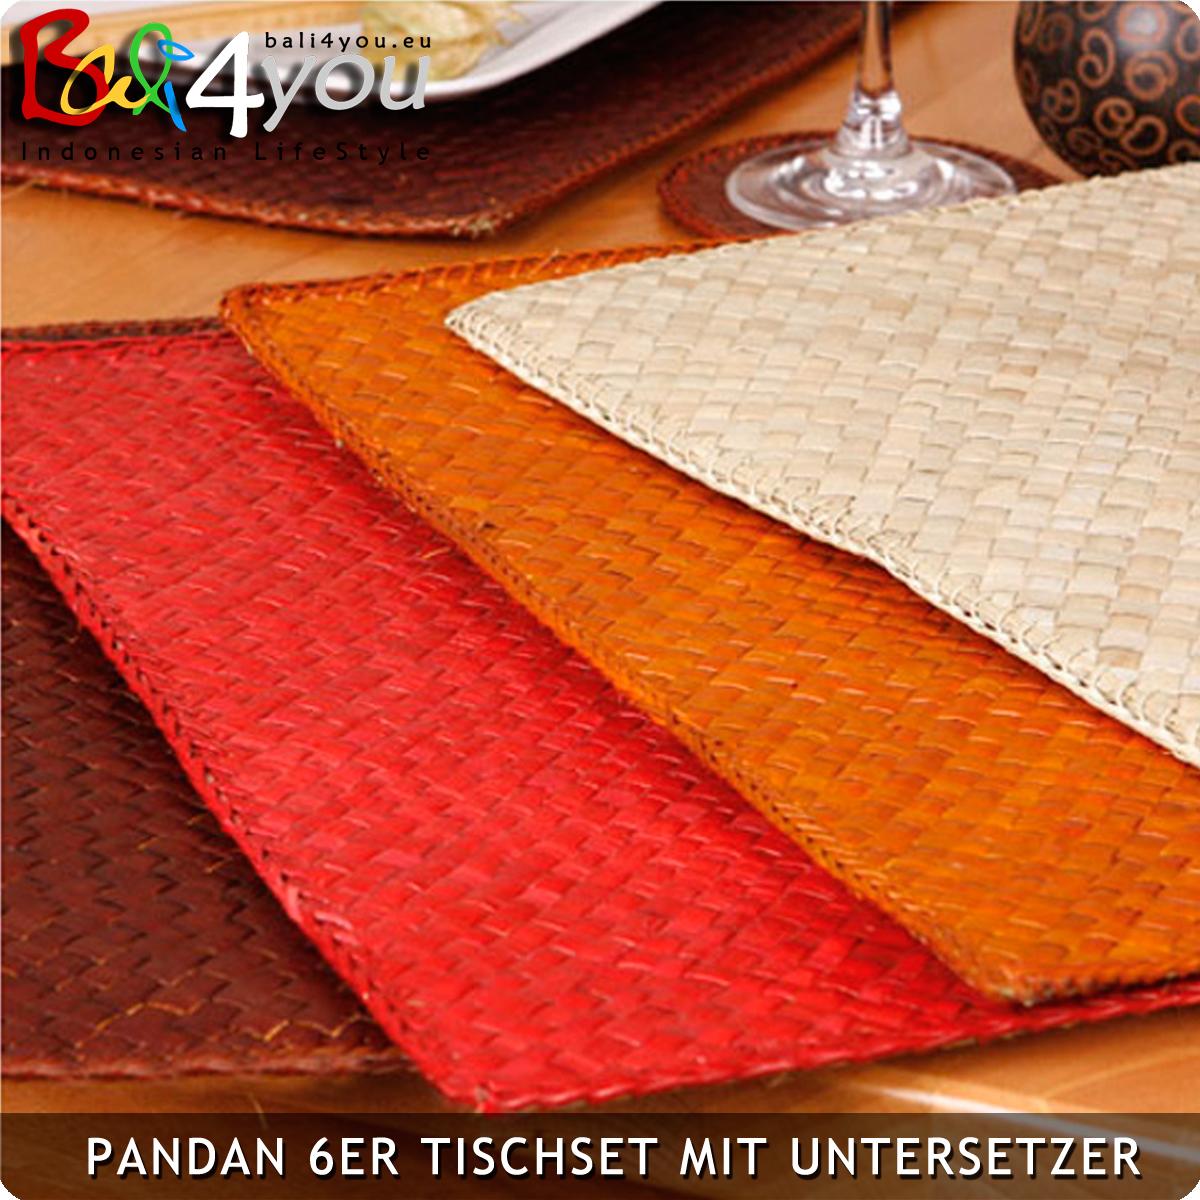 Pandan 6er Platzset / Tischset